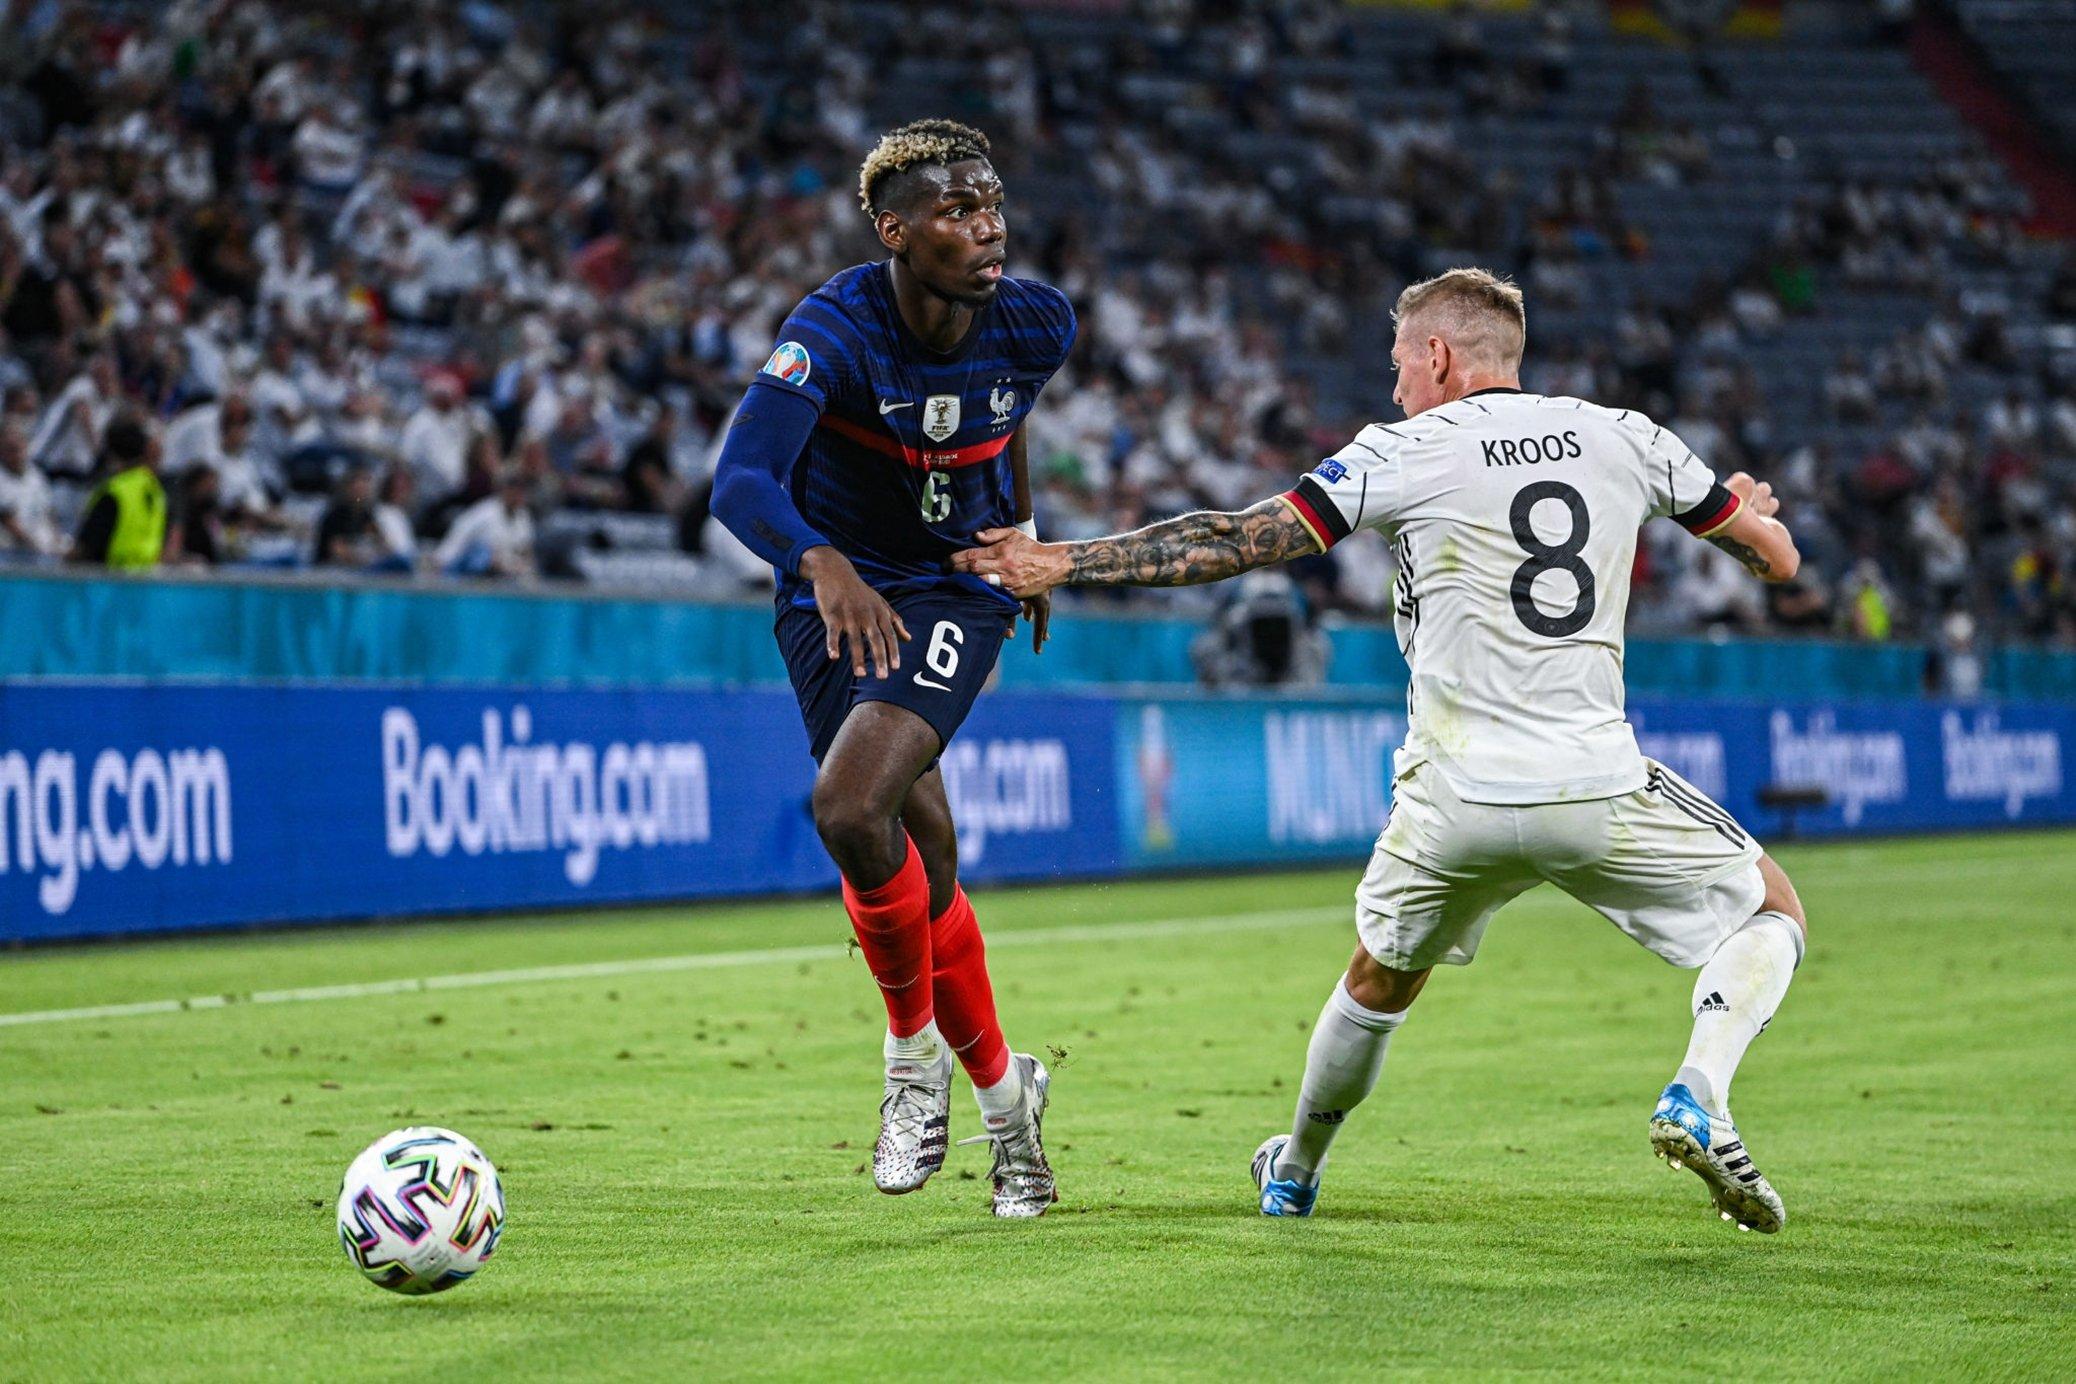 克罗斯:机会不亚于法国队,只是倒霉的丢球决定了比赛